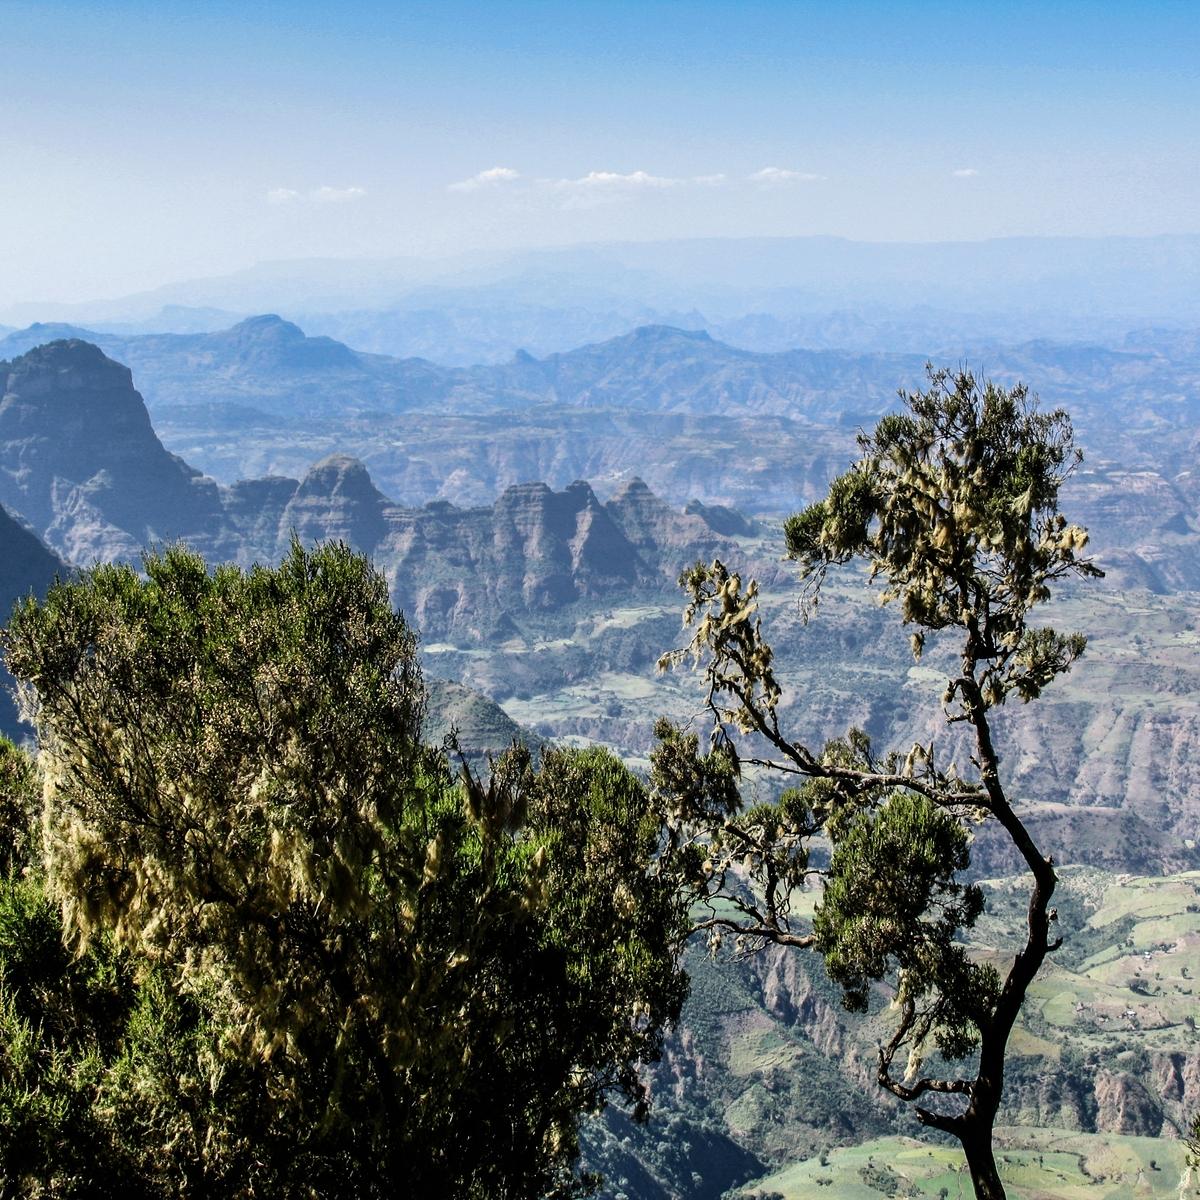 Die schönsten Reiseziele Afrikas: Simien Nationalpark, Äthiopien